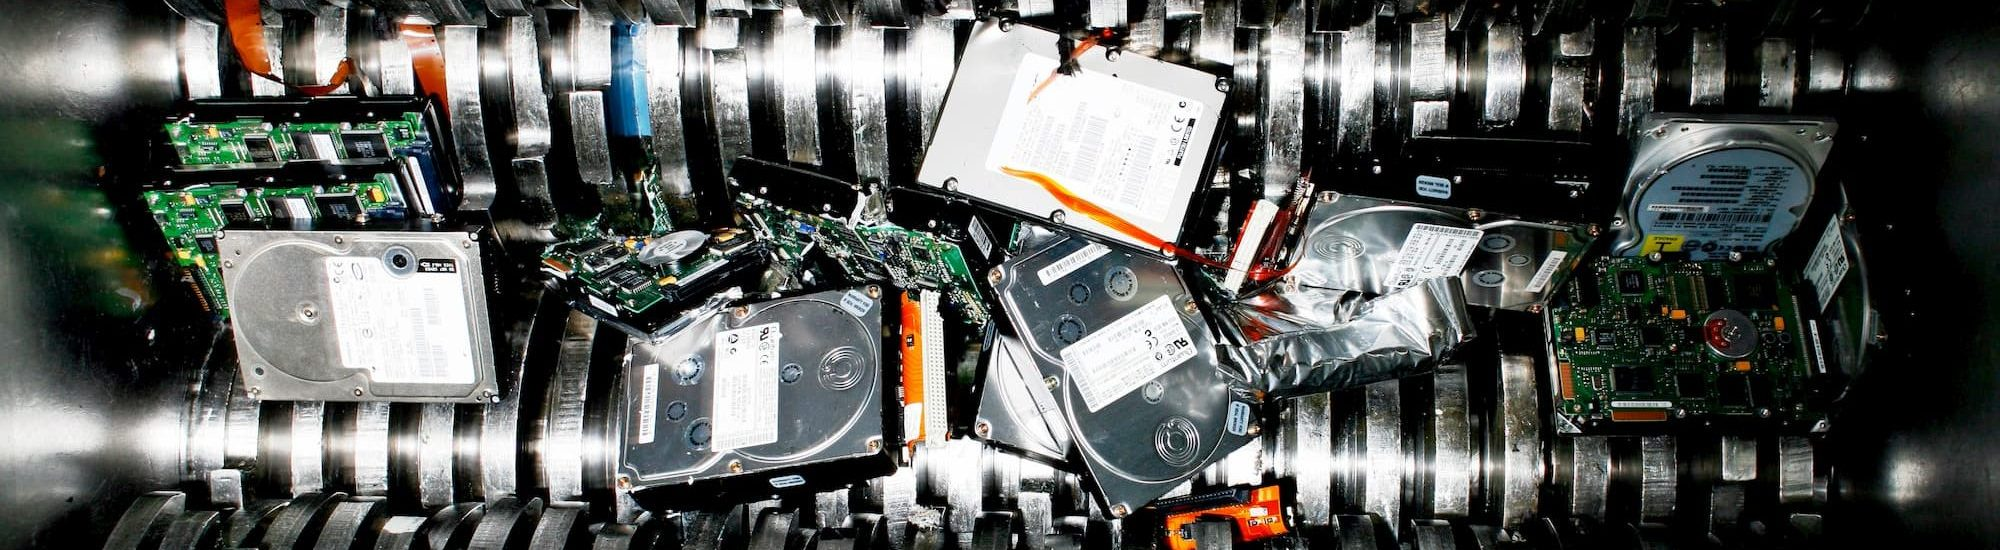 Уничтожение жестких дисков фото